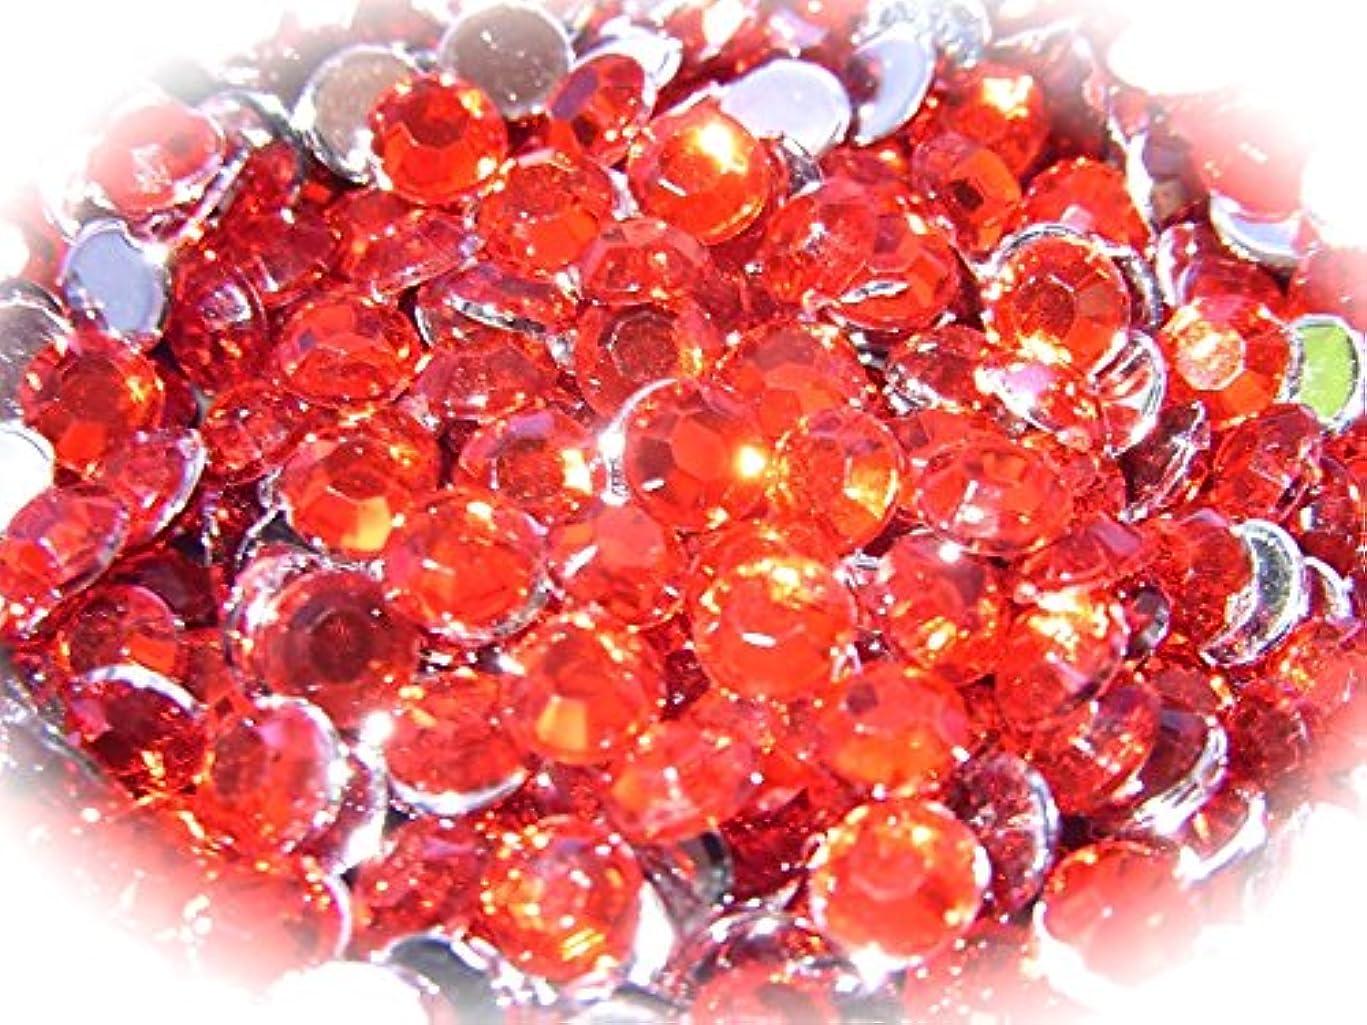 ご近所メアリアンジョーンズ友情【jewel】ls1 最高品質 ラインストーン 1.5mm?5mm グルーデコ (1.5mm(300粒), レッド)